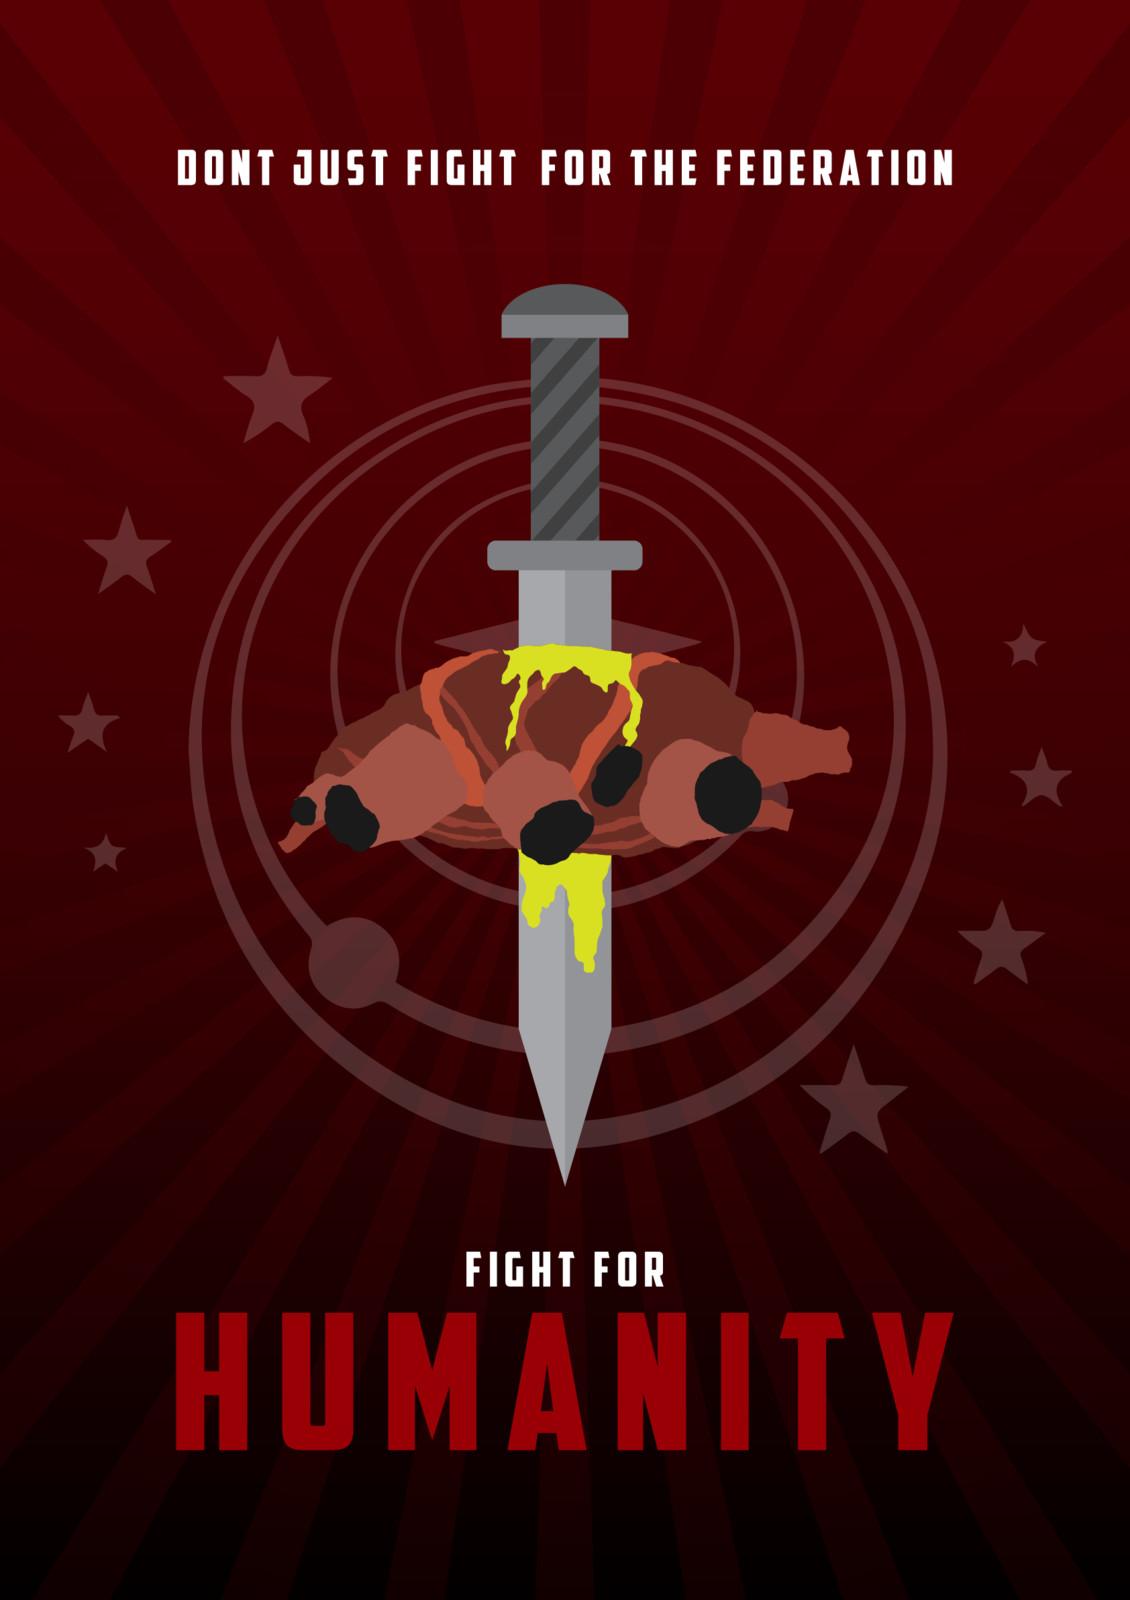 Elite Dangerous - Anti-Xeno Federal Poster